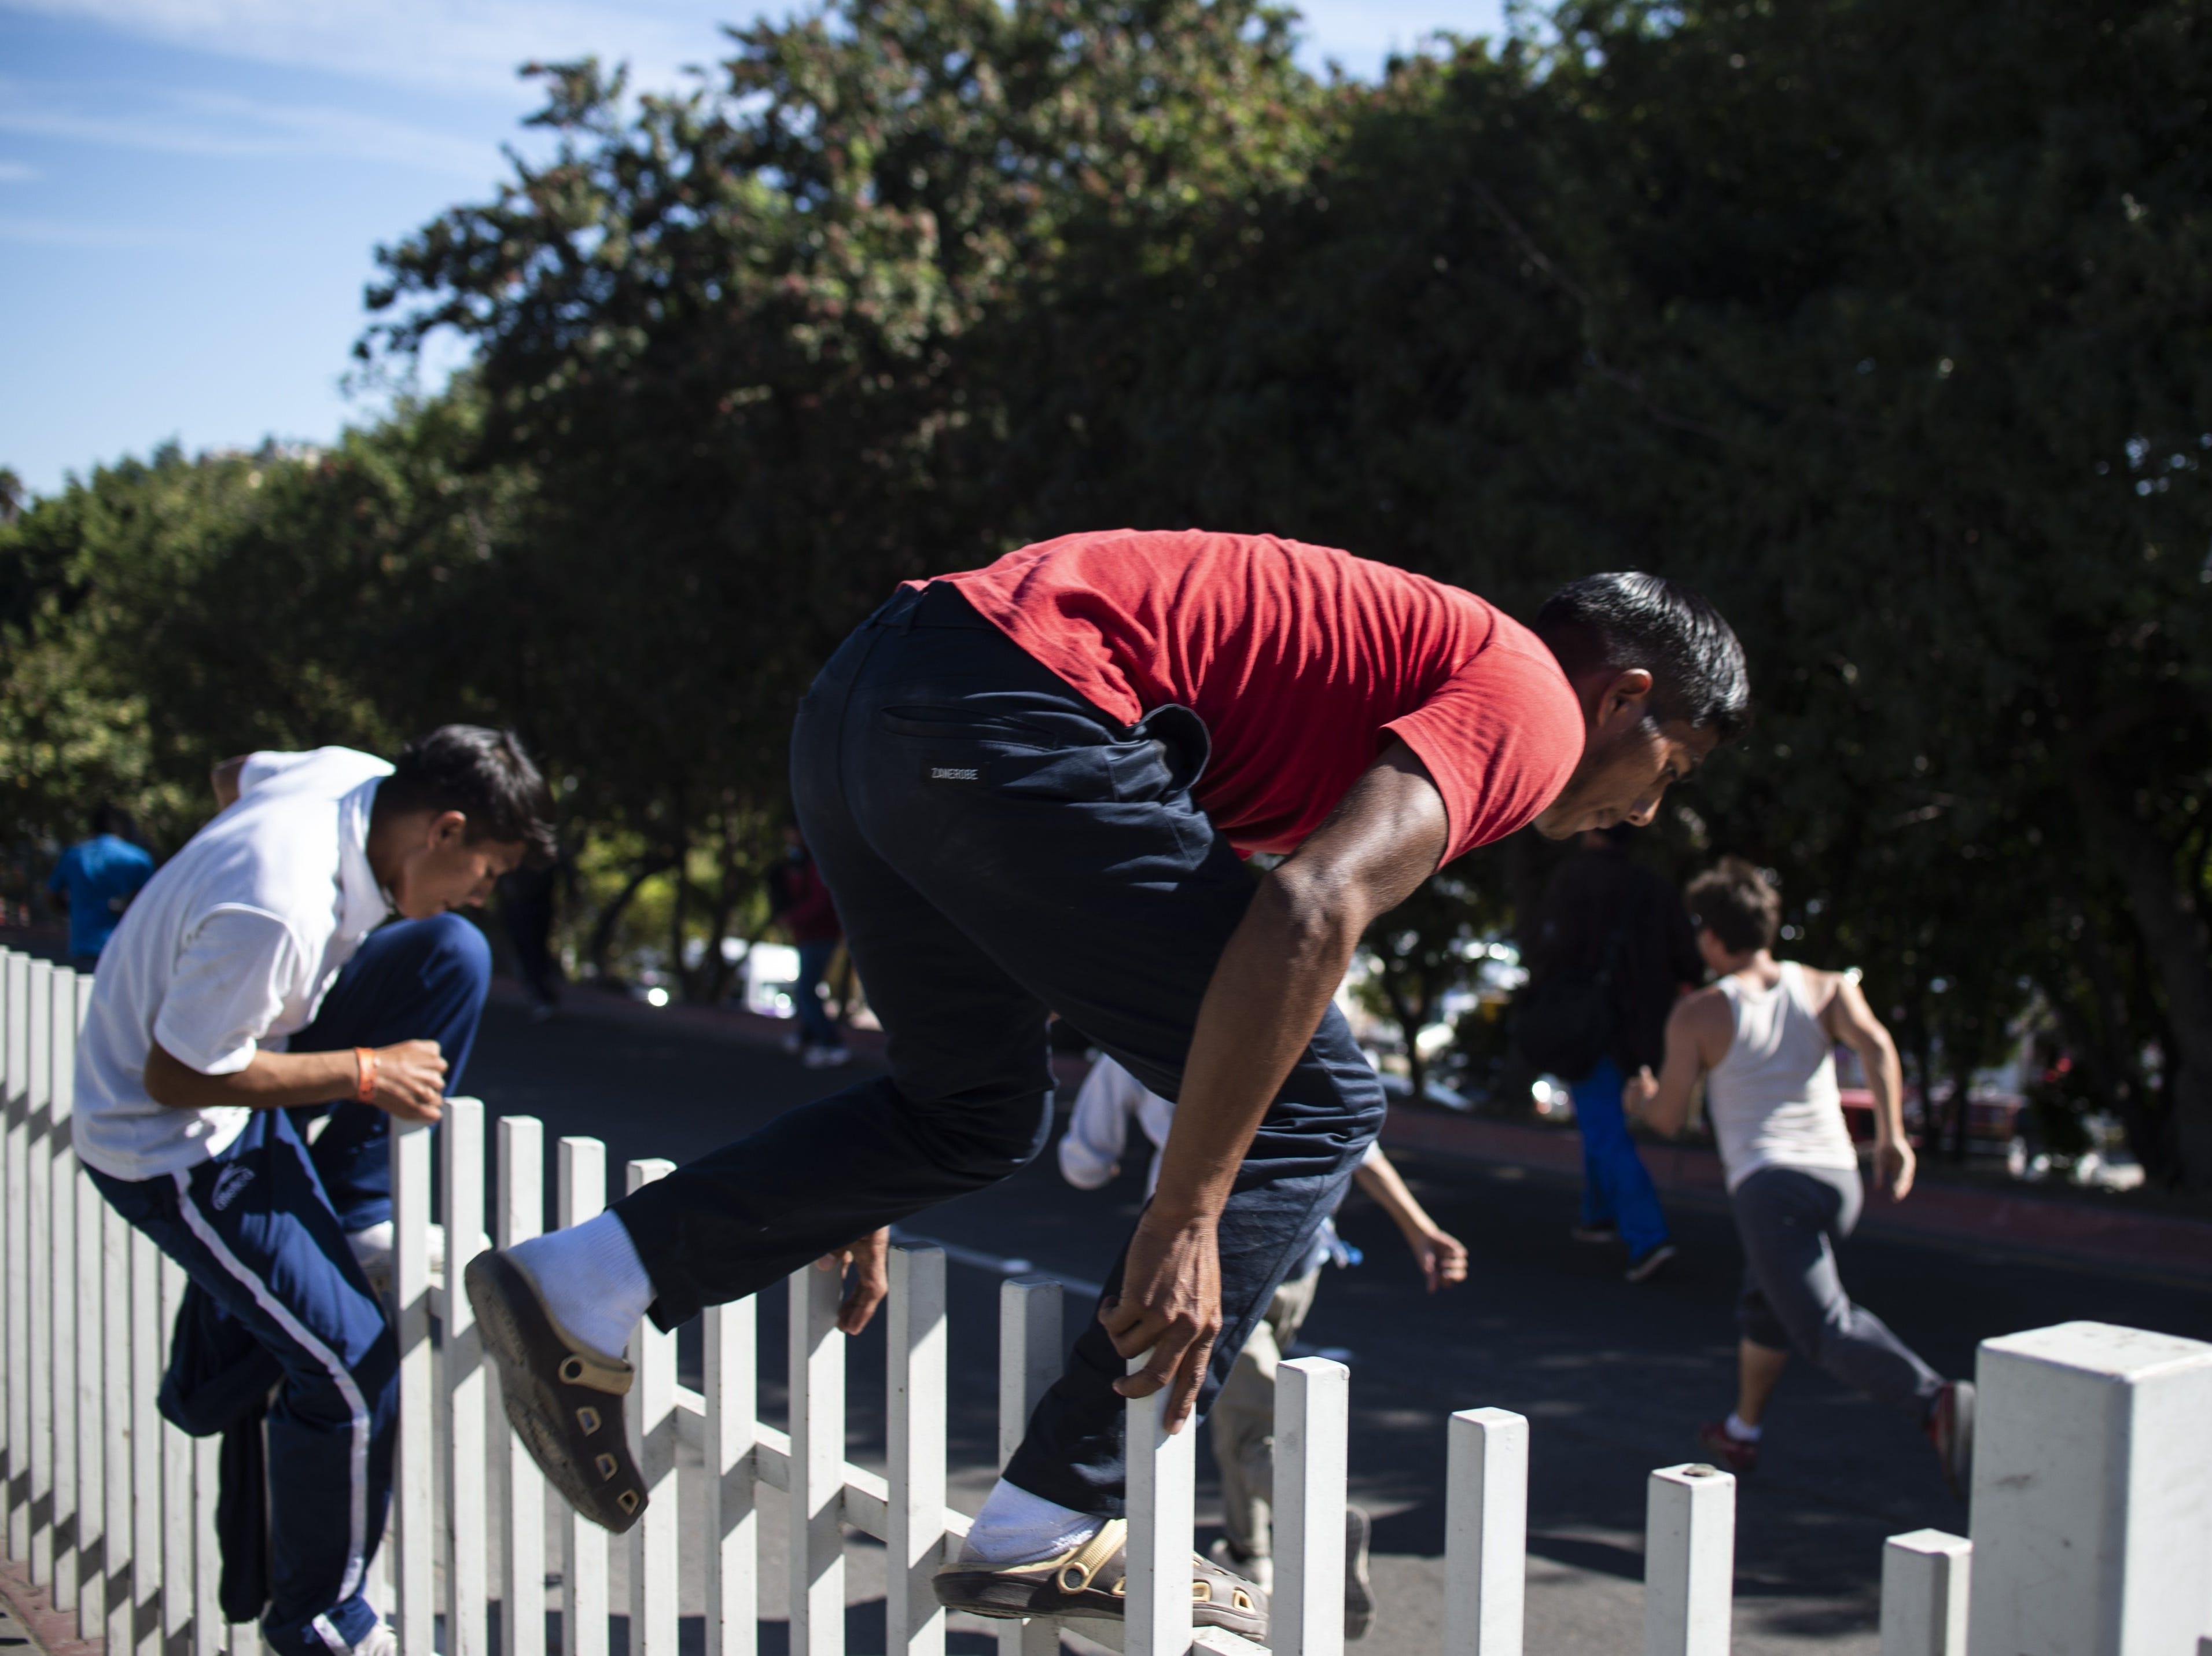 Un grupo de migrantes centroamericanos, en su mayoría hondureños, sobrepasa una cerca al intentar llegar a la frontera entre México y Estados Unidos cerca del cruce fronterizo de El Chaparral en Tijuana, estado de Baja California, México, el 25 de noviembre de 2018.